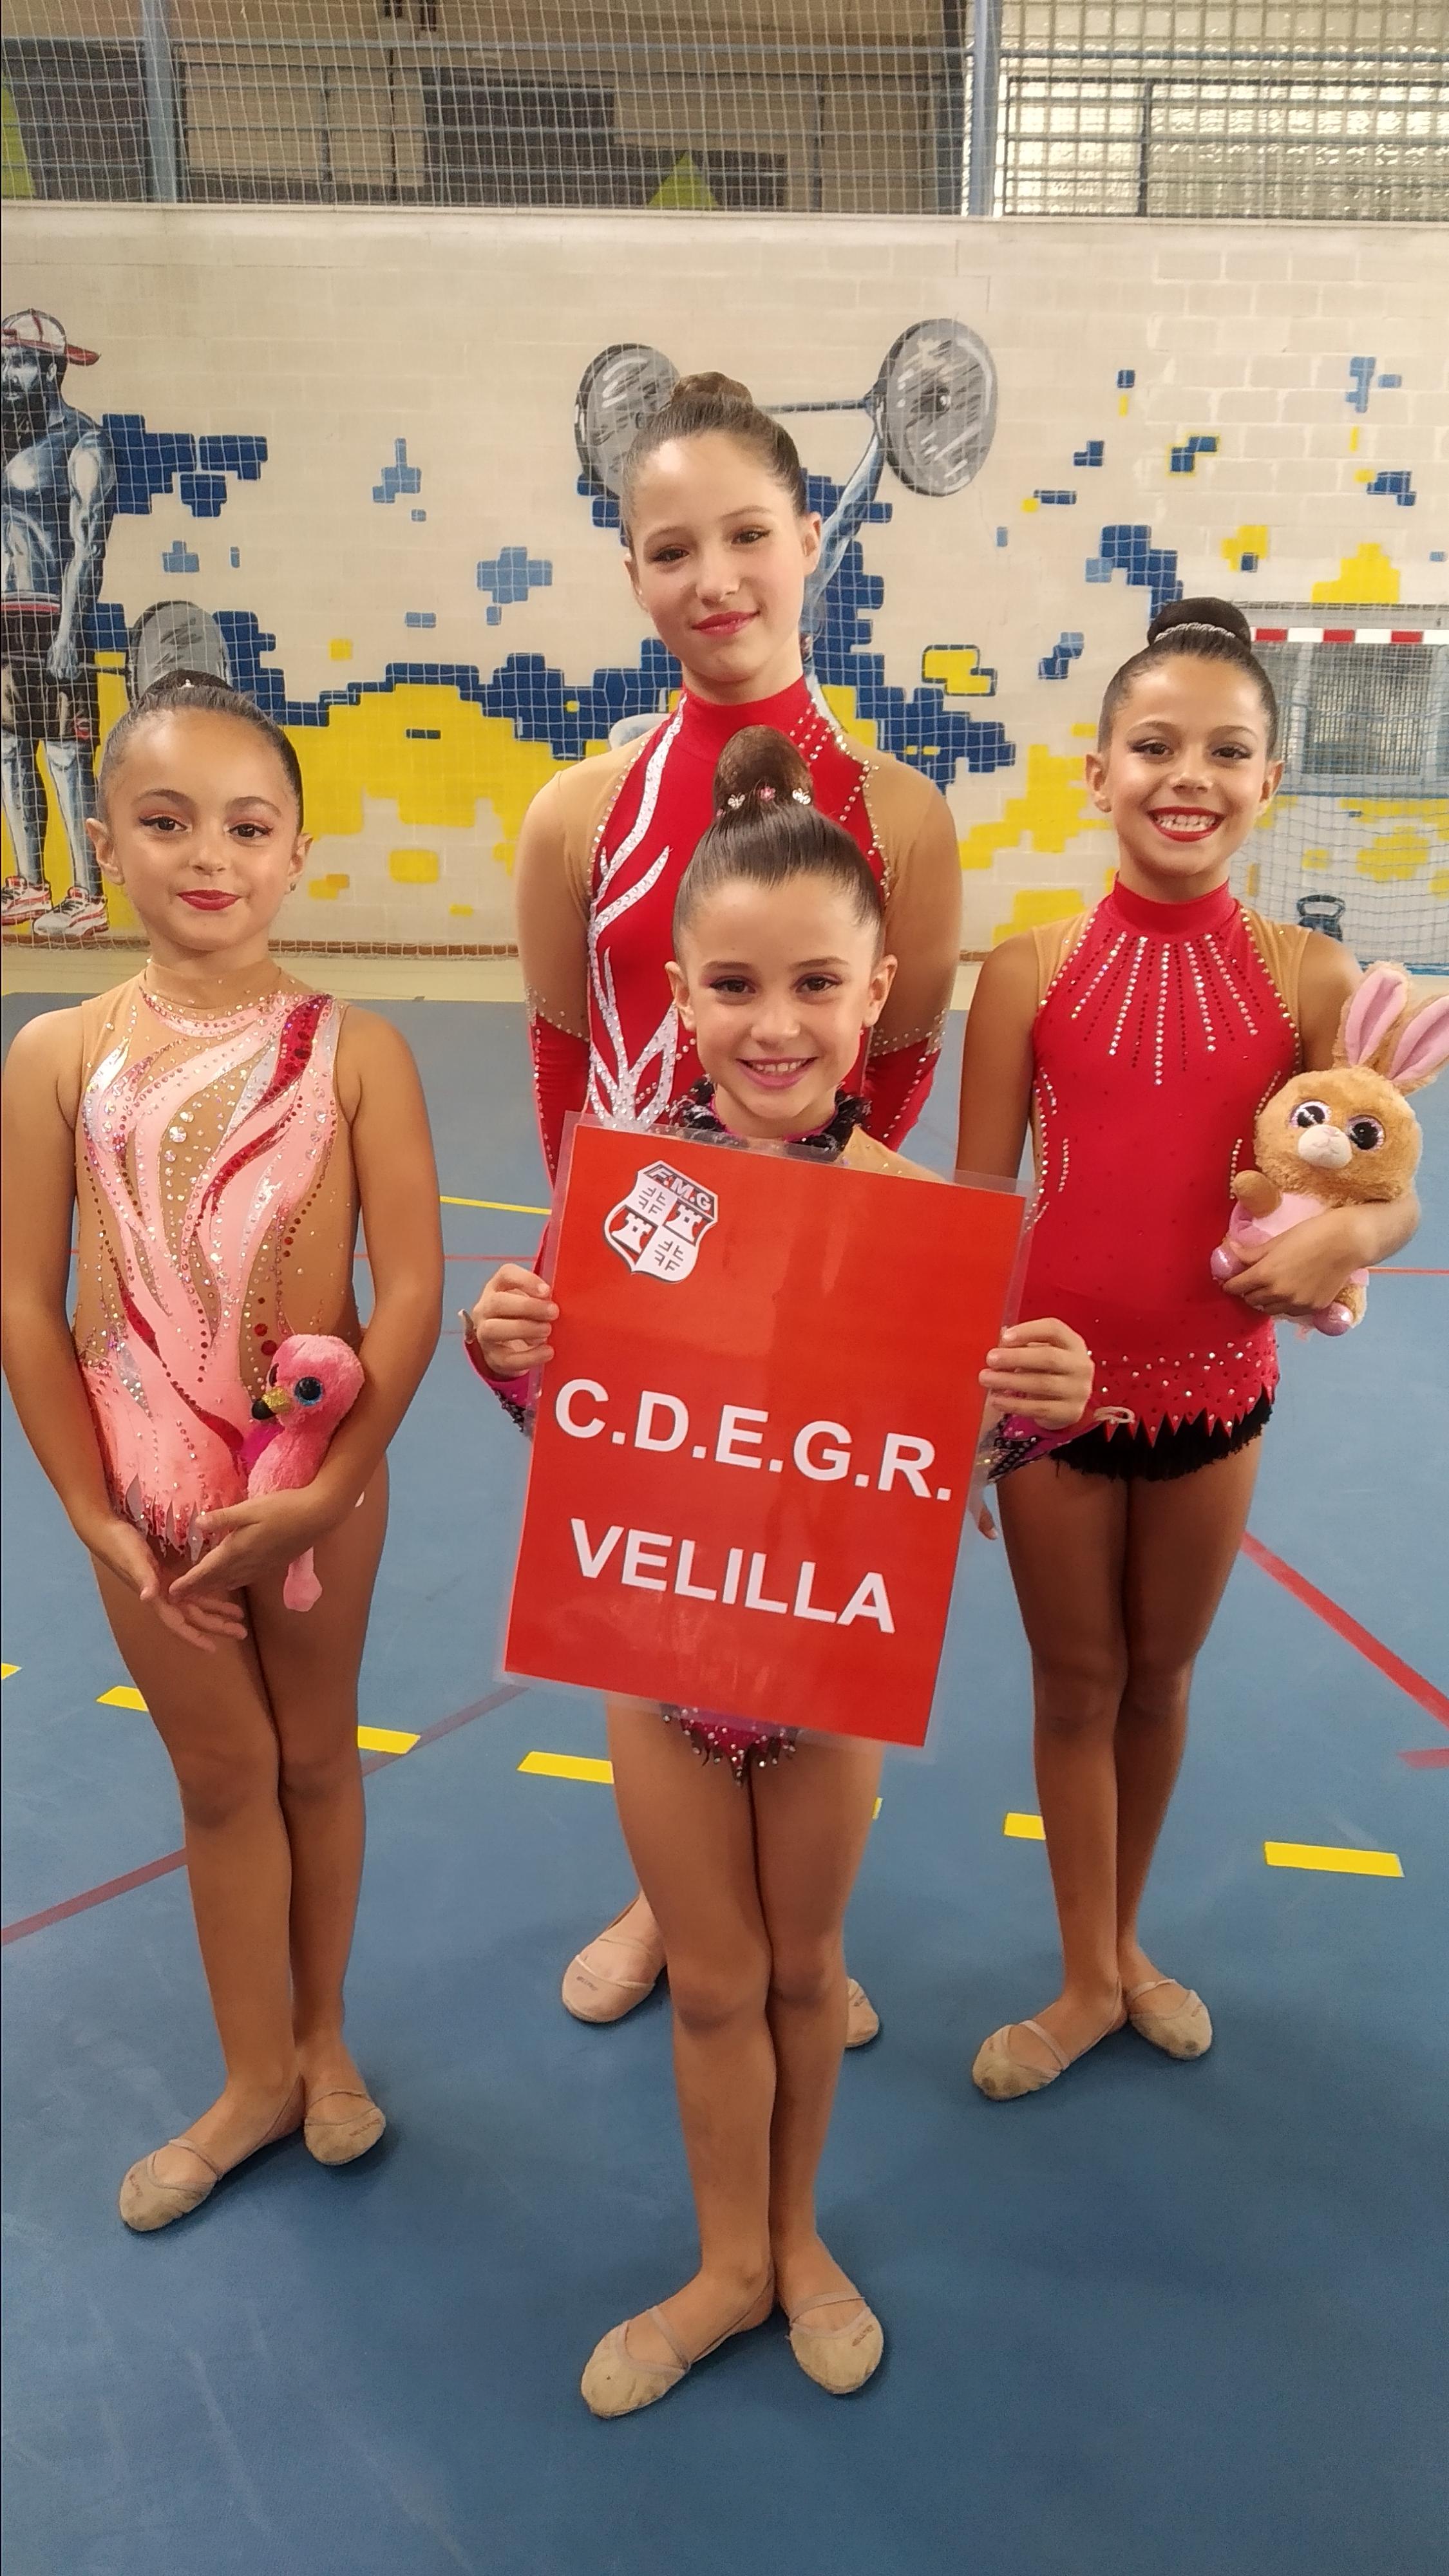 El Club Gimnasia Rítmica consigue dos medallas y un cuarto puesto en la segunda fase del Torneo de Federación de la Comunidad de Madrid